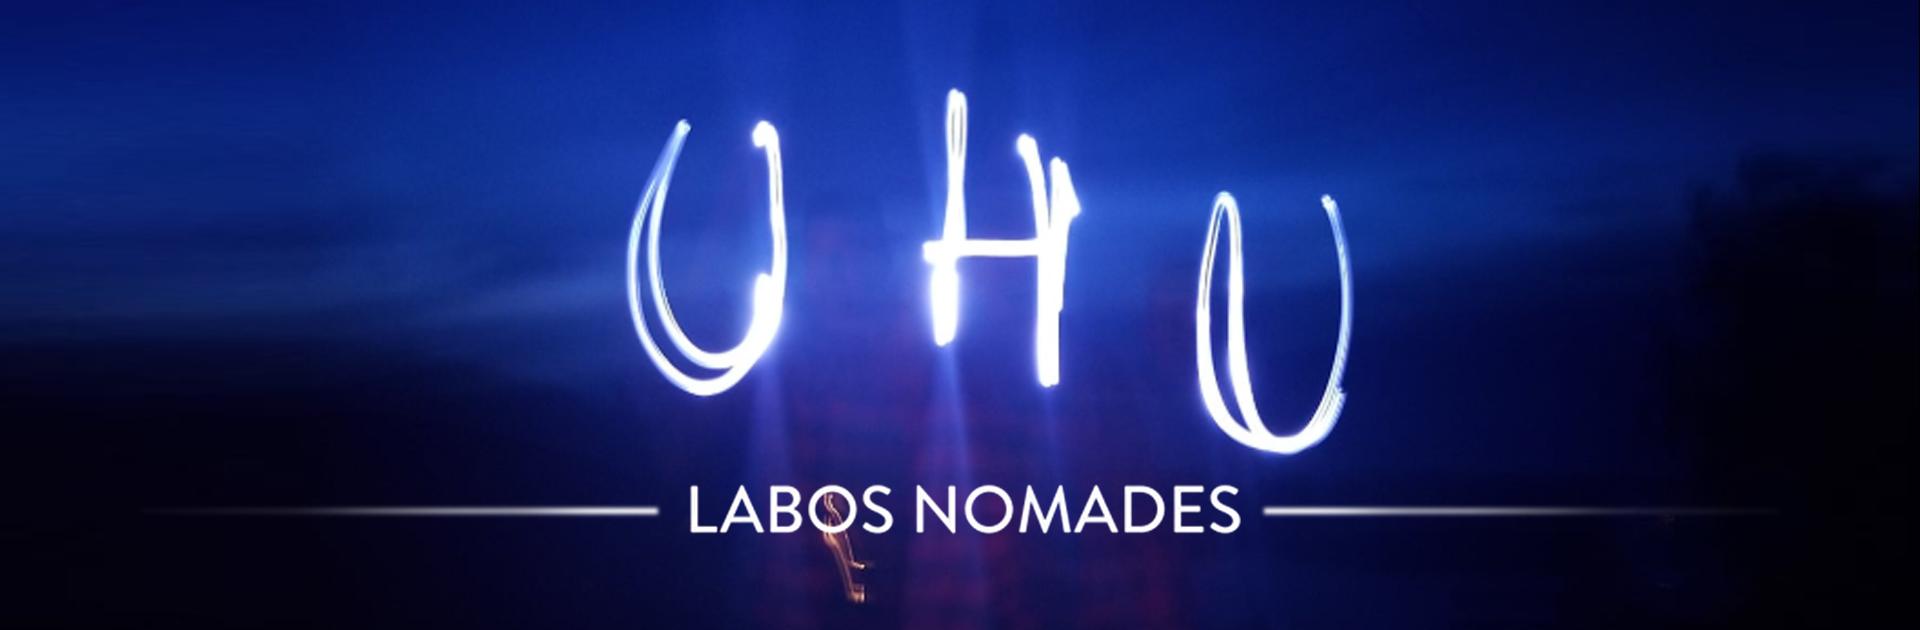 Behaviour renouvelle son soutien à Uhu labos nomades